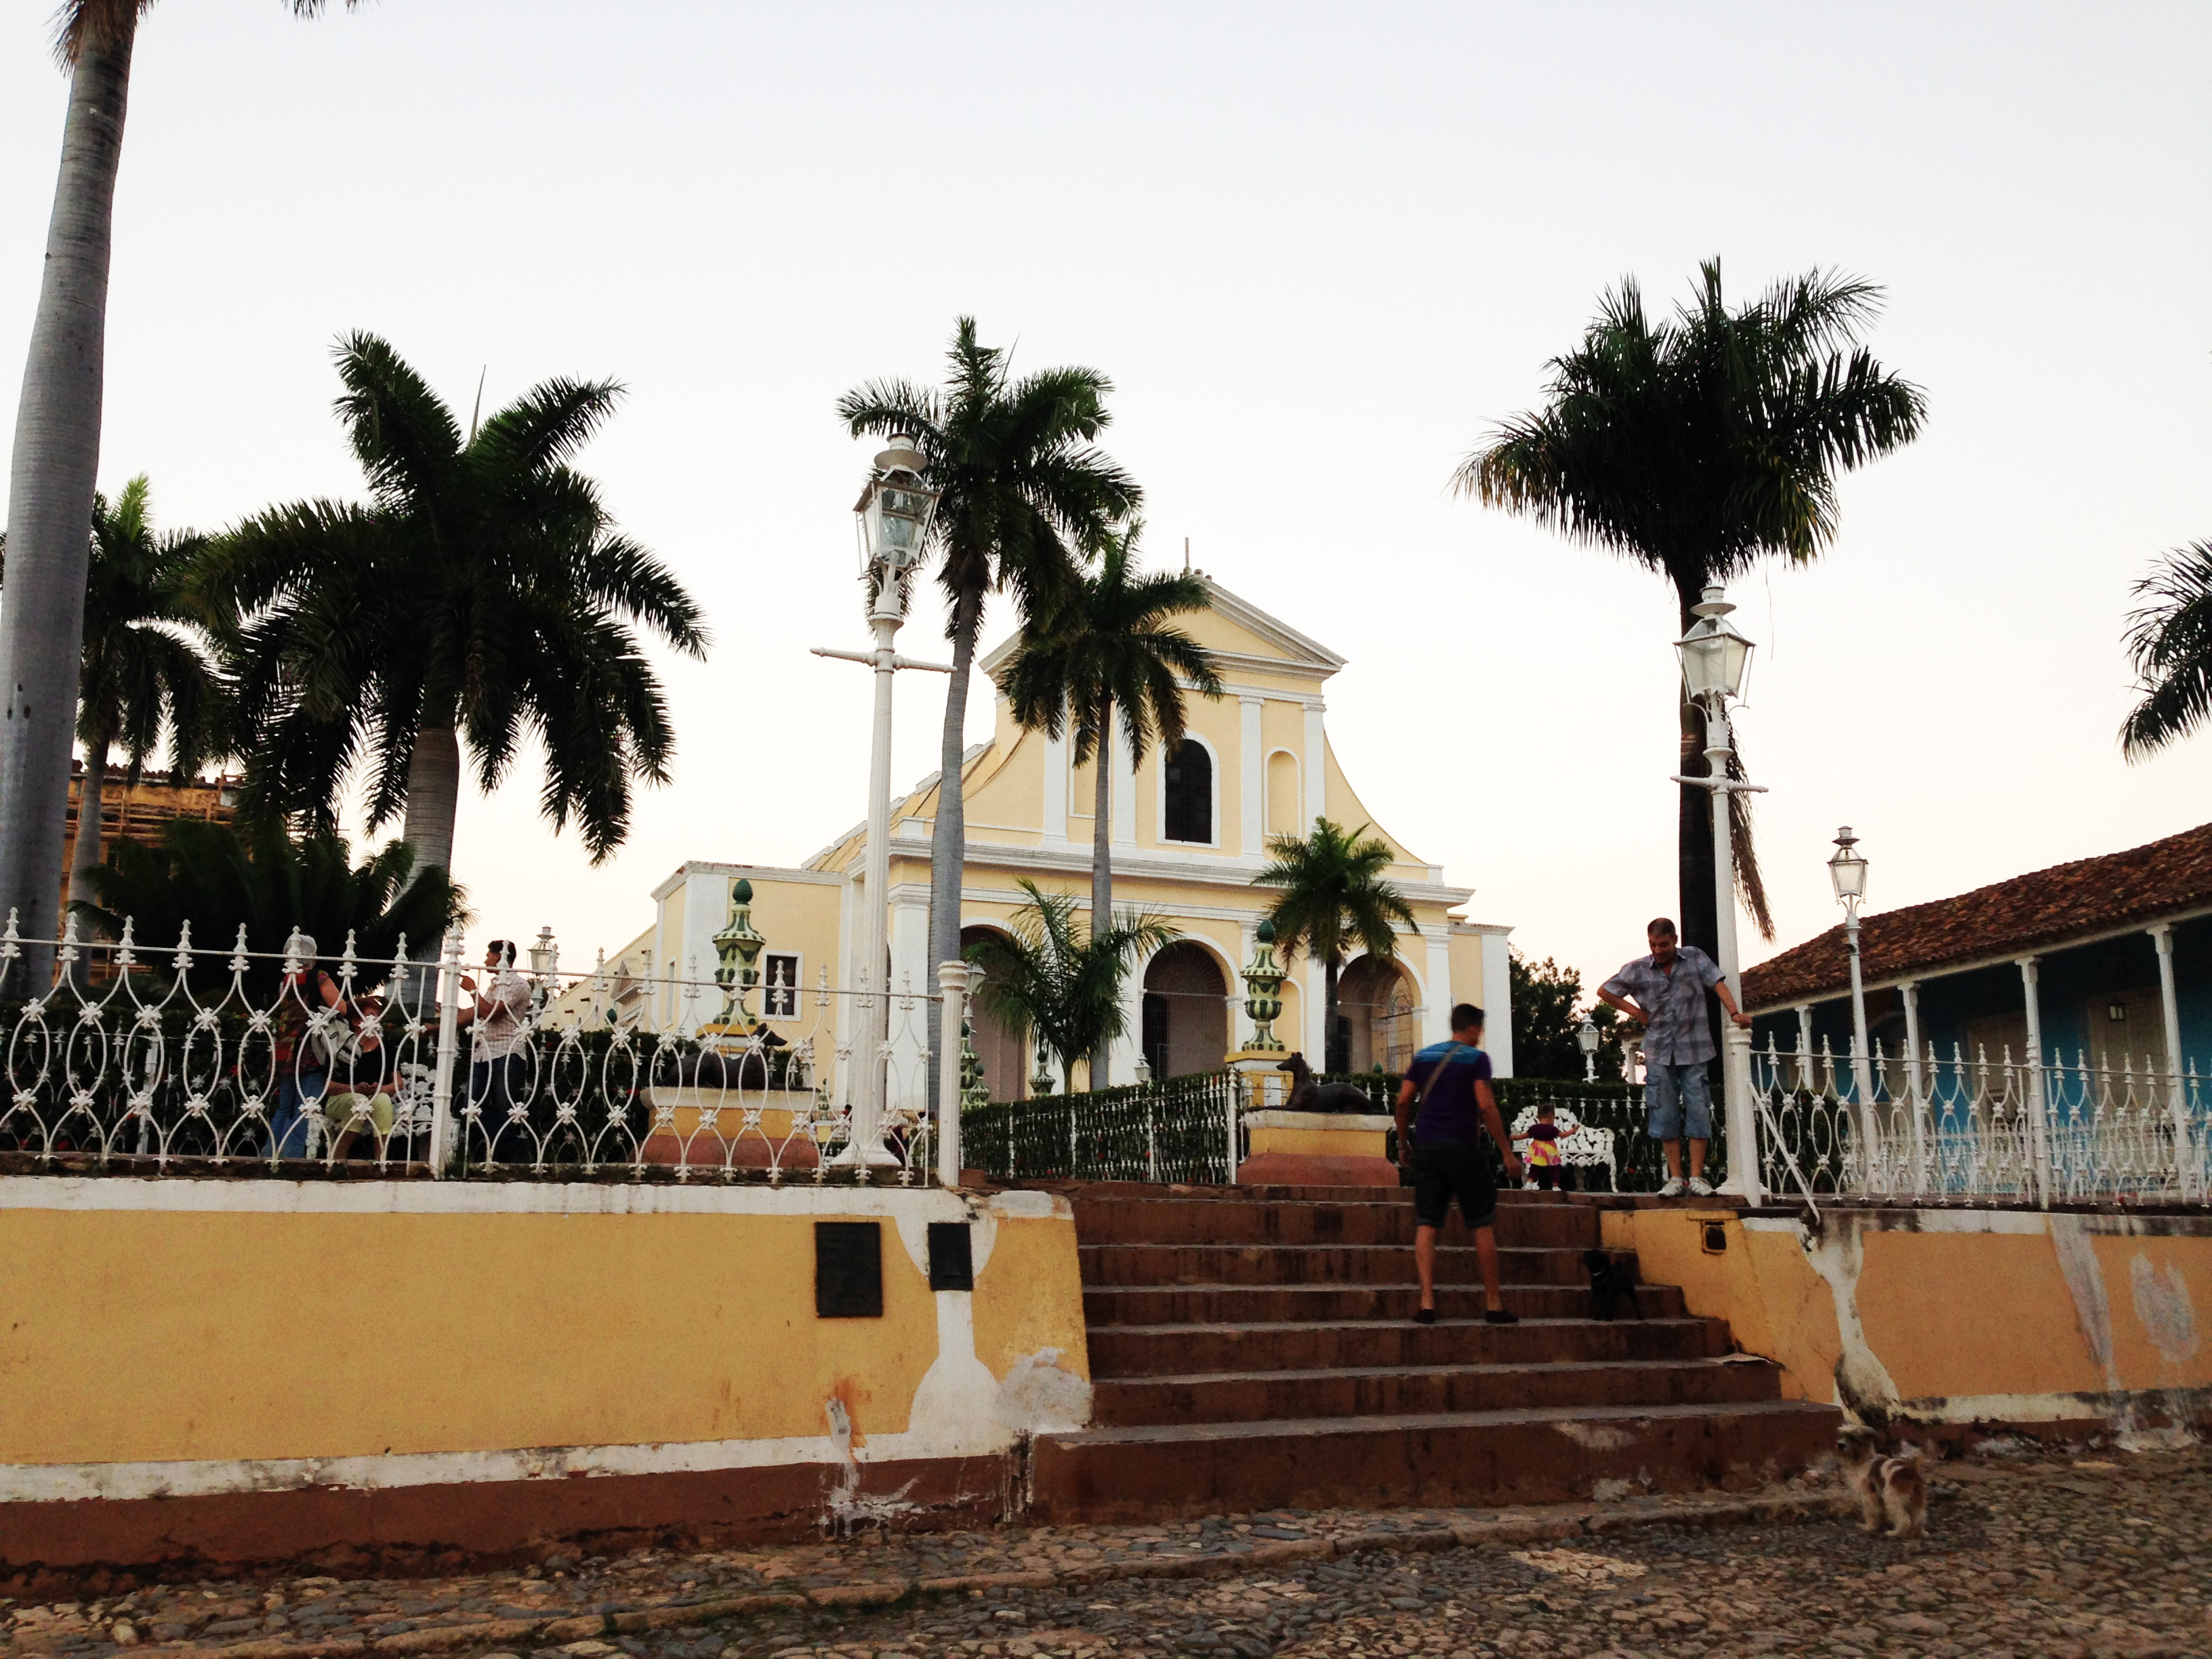 Arco di Trionfo - Cienfuegos